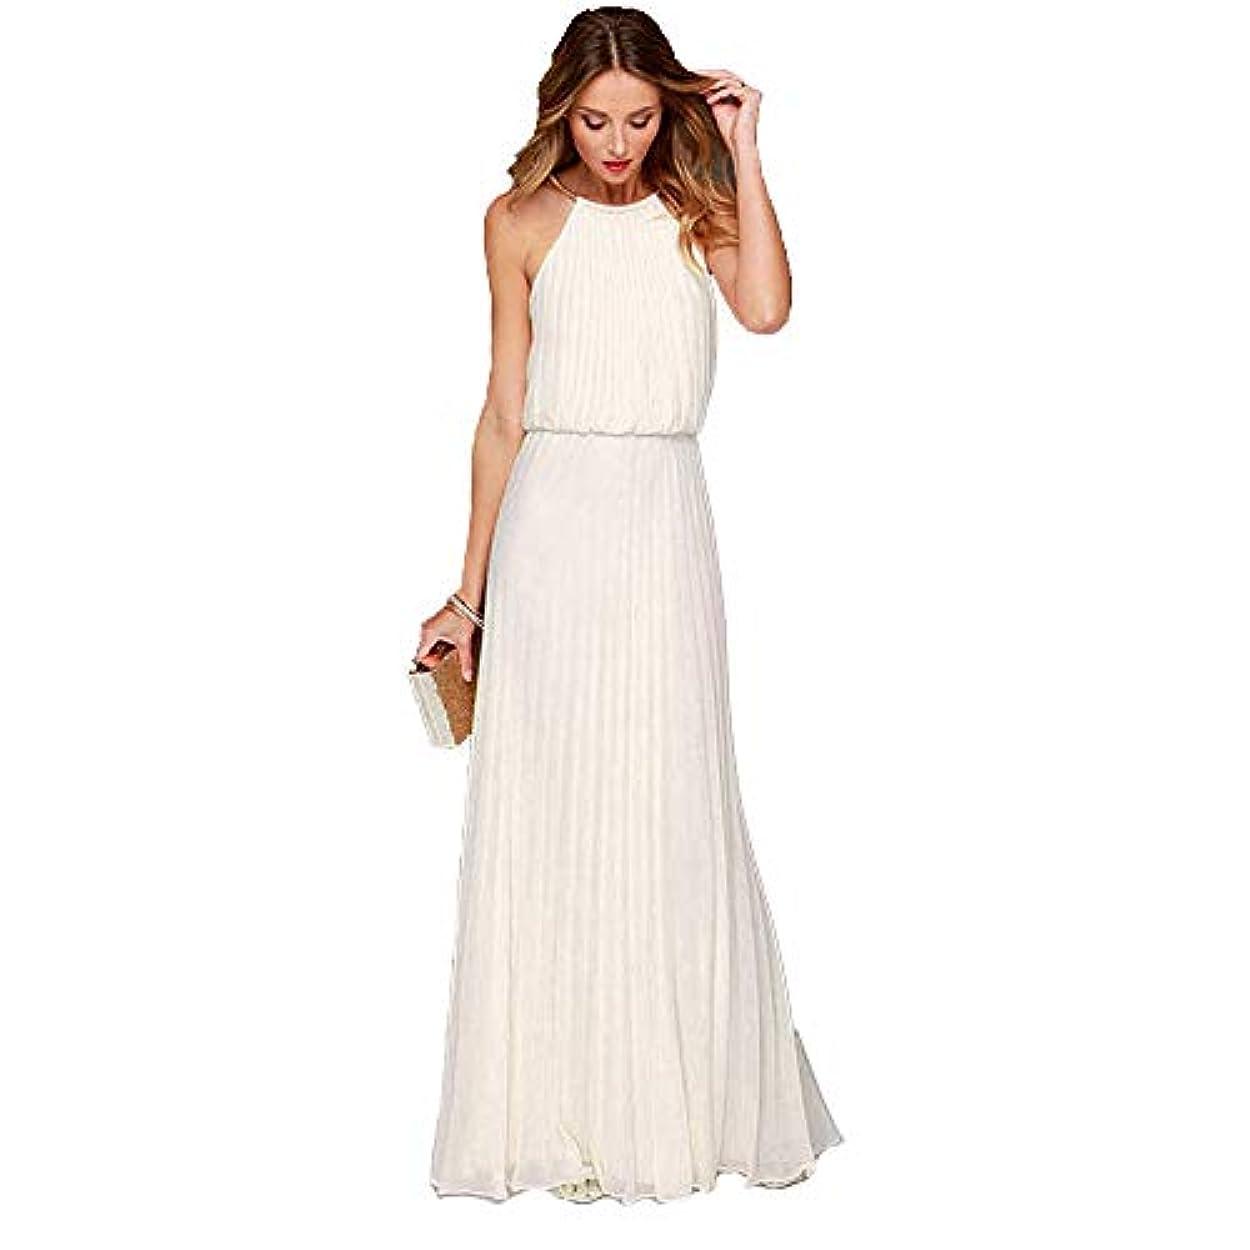 無広がりシードMIFANロングドレス、セクシーなドレス、エレガント、女性のファッション、ノースリーブのドレス、ファッションドレス、ニット、スリム